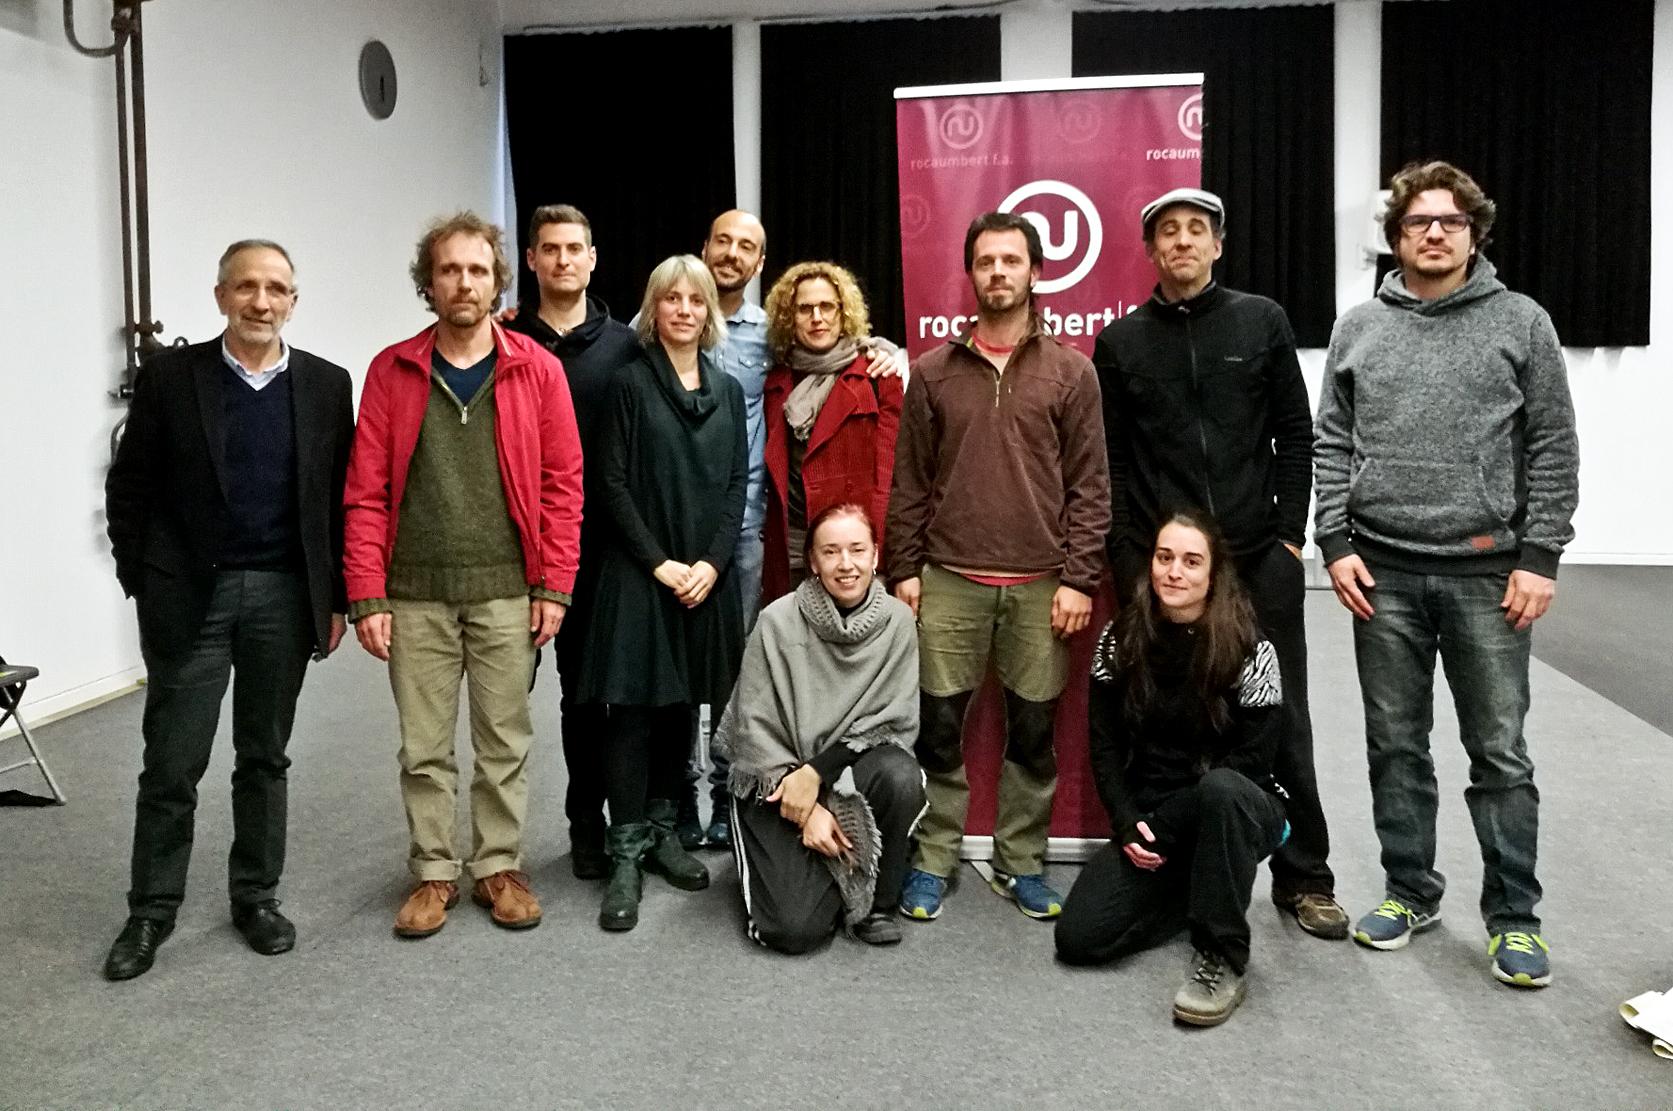 Guanyadors del concurs amb l'alcalde Josep Mayoral i la regidora Alba Barnusell